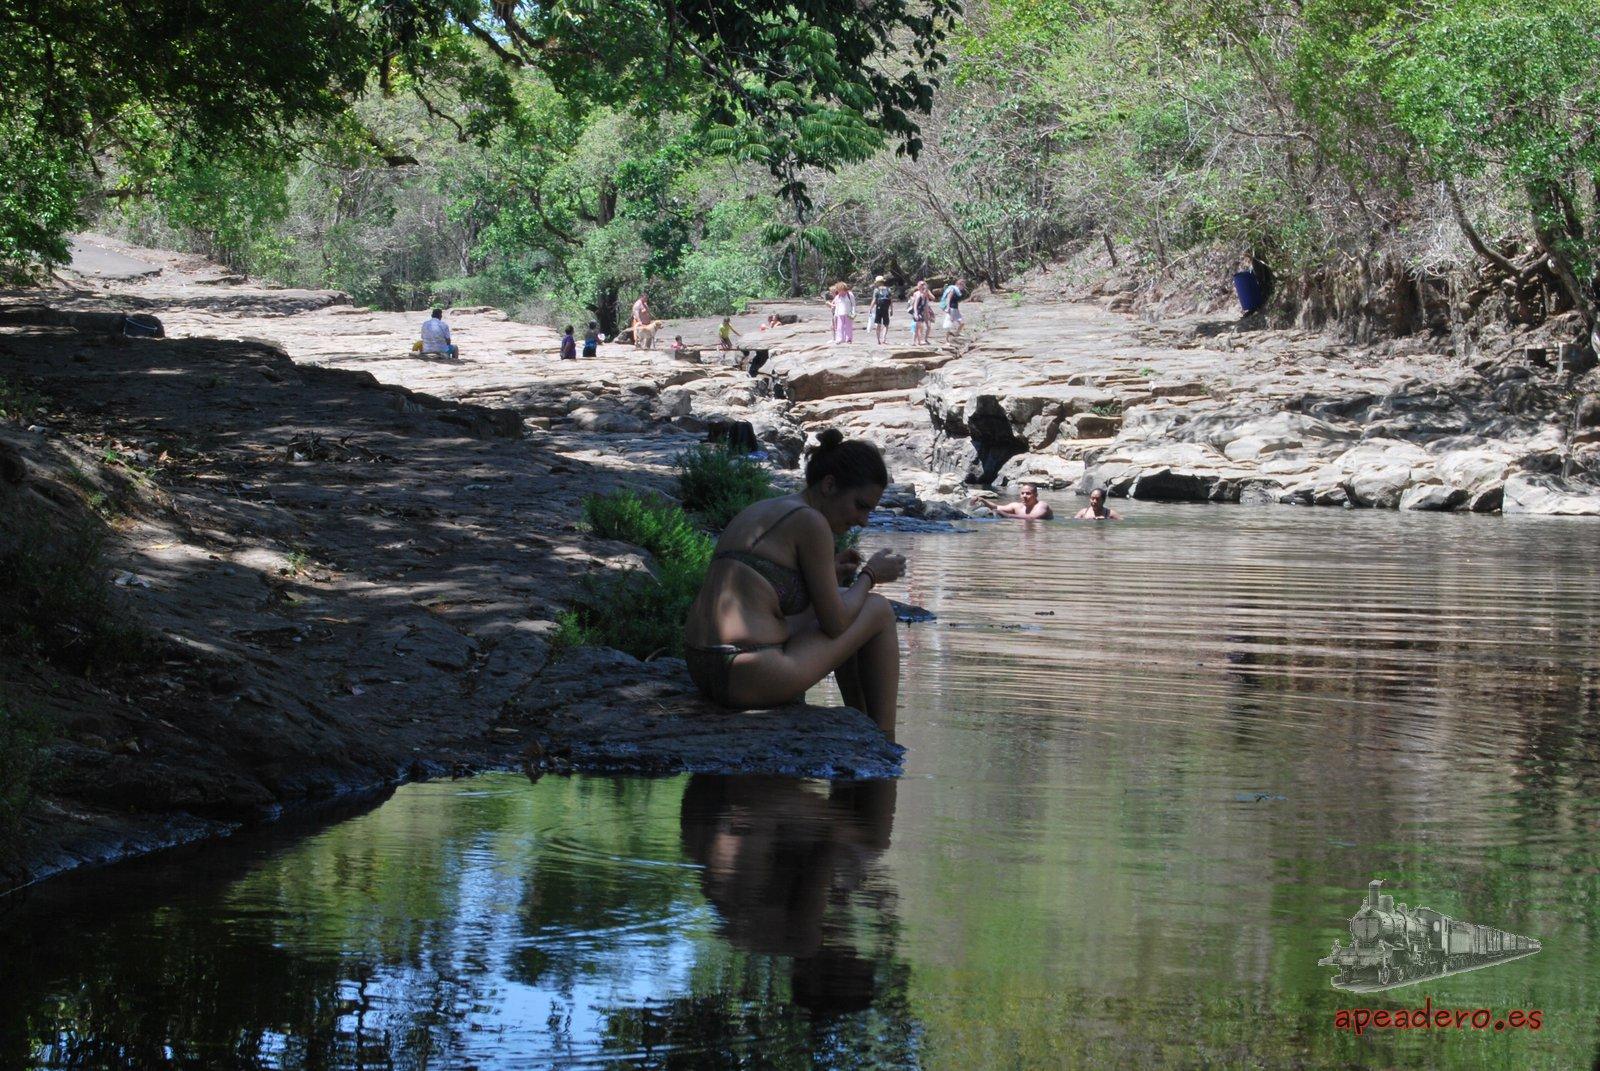 Los Cangilones de Gualaca son una zona muy tranquila dónde puedes refrescarte, saltar desde el acantilado y nadar.